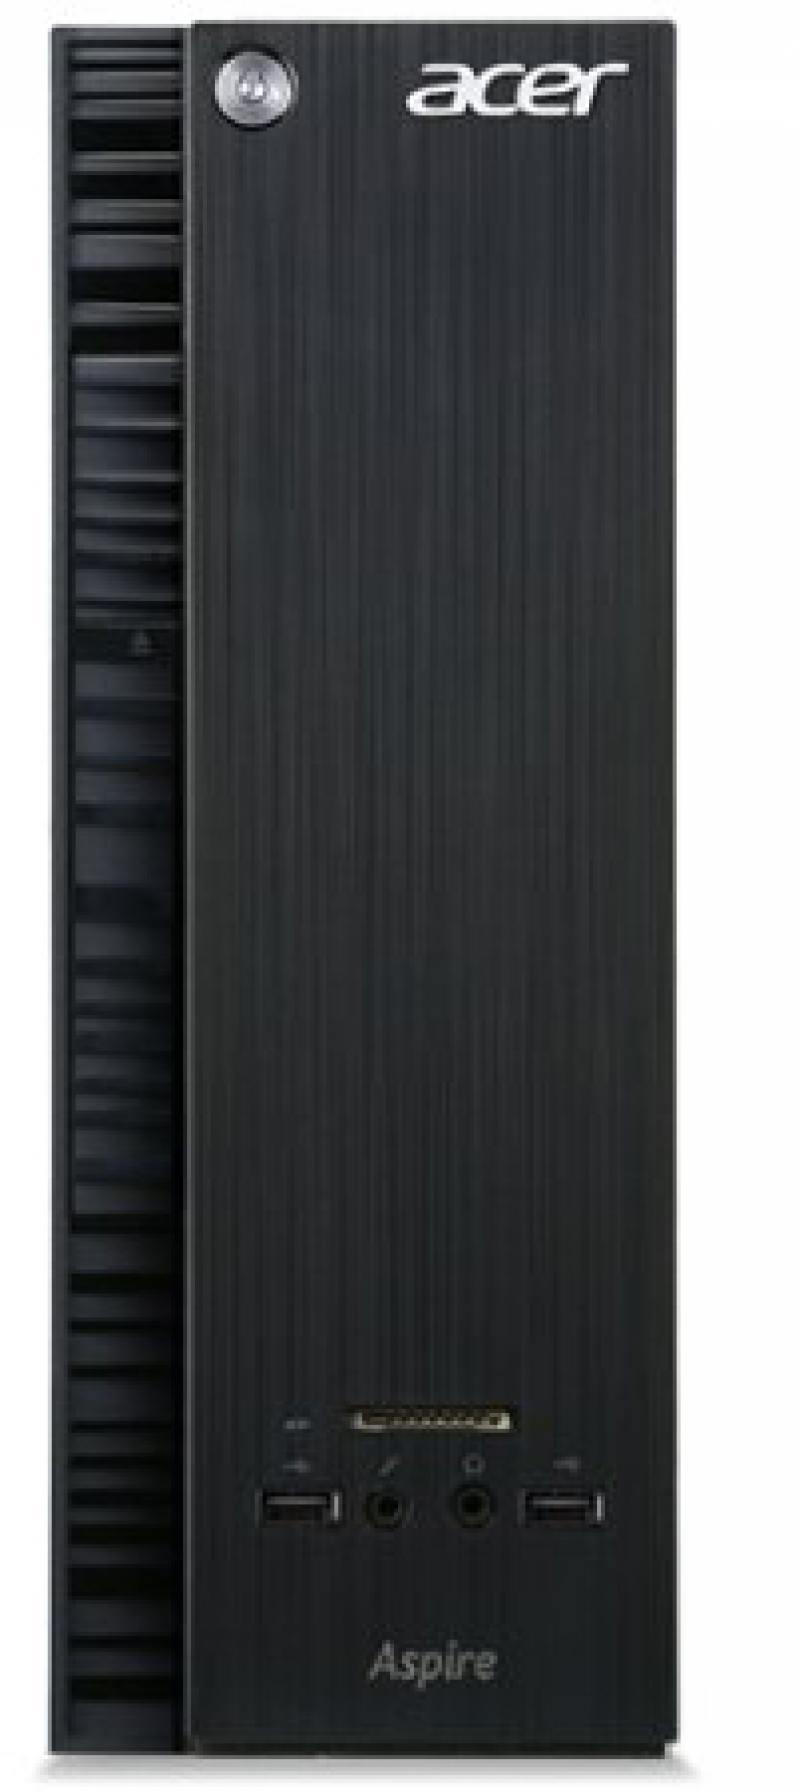 Системный блок Acer Aspire XC-704 N3050 1.6GHz 2Gb 500Gb Intel HD DVD-RW DOS клавиатуры мышь черный